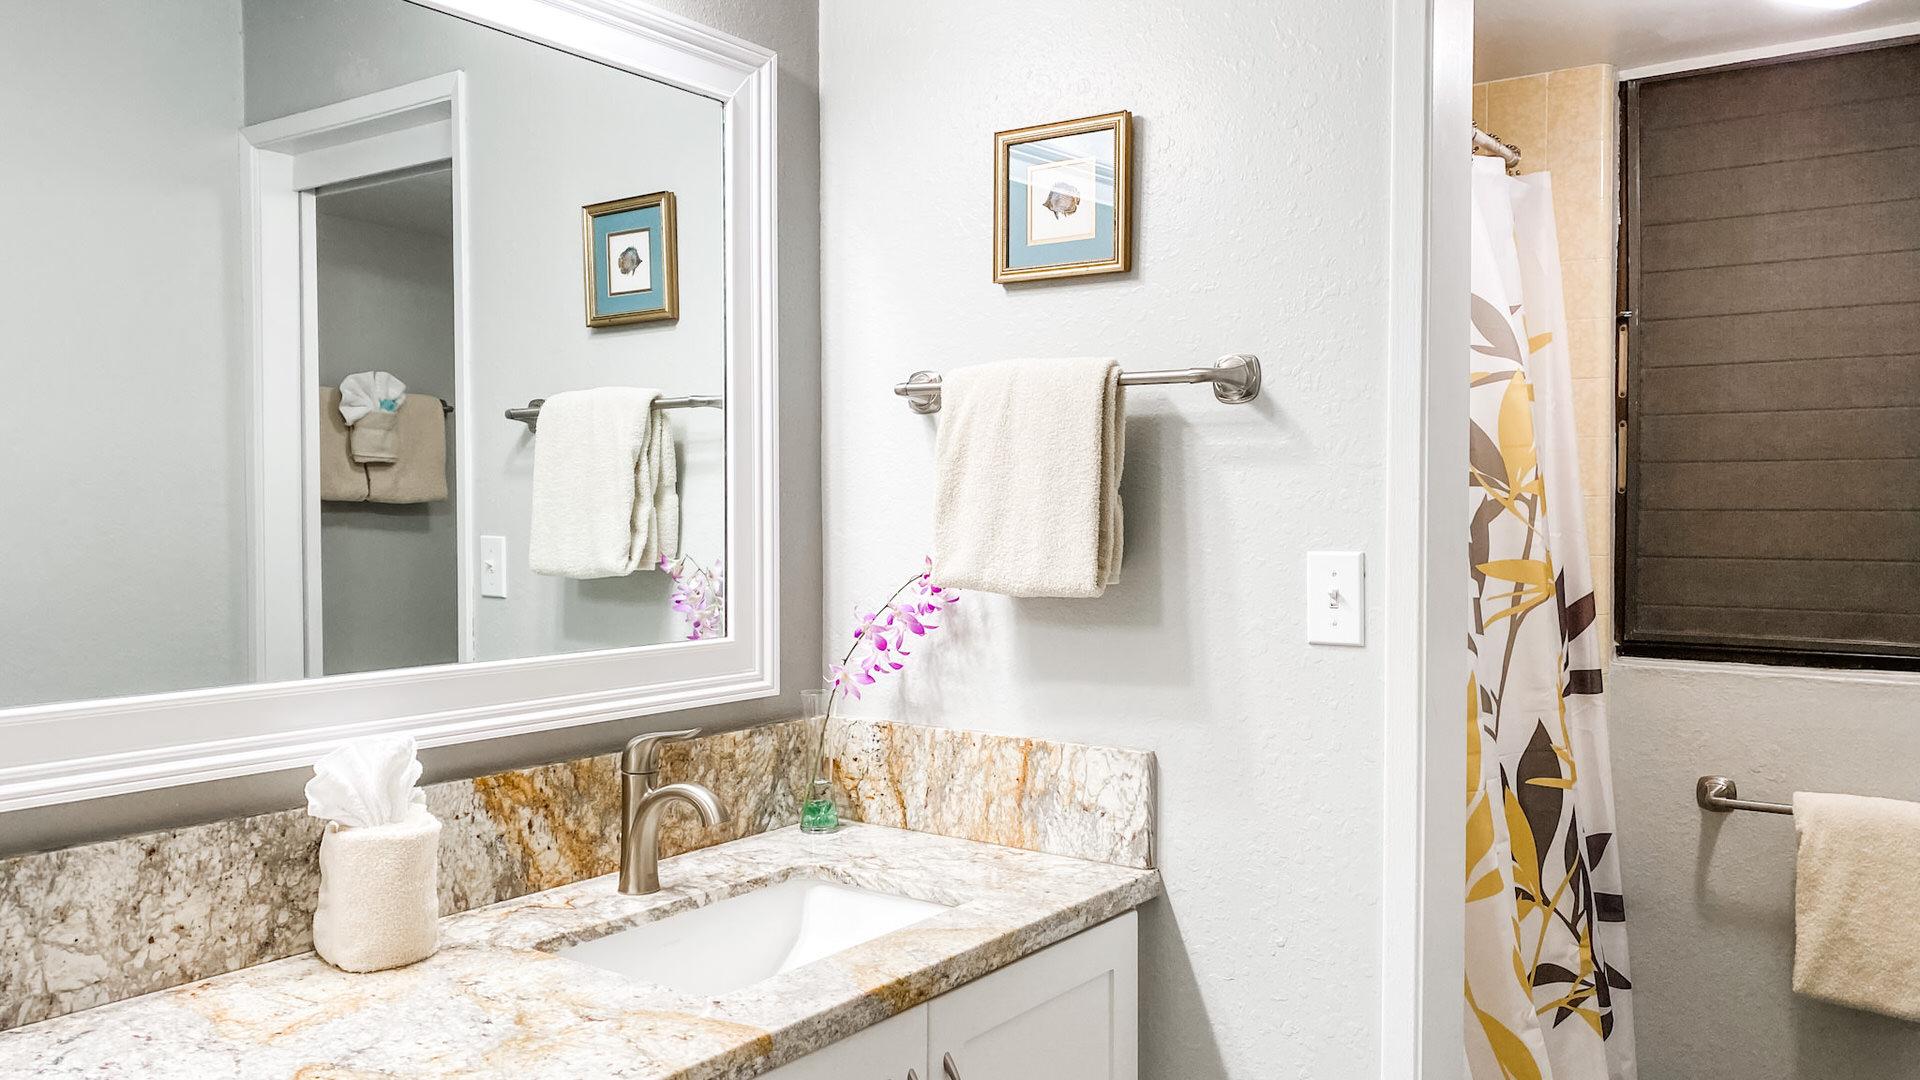 C311 Guest Bathroom Vanity